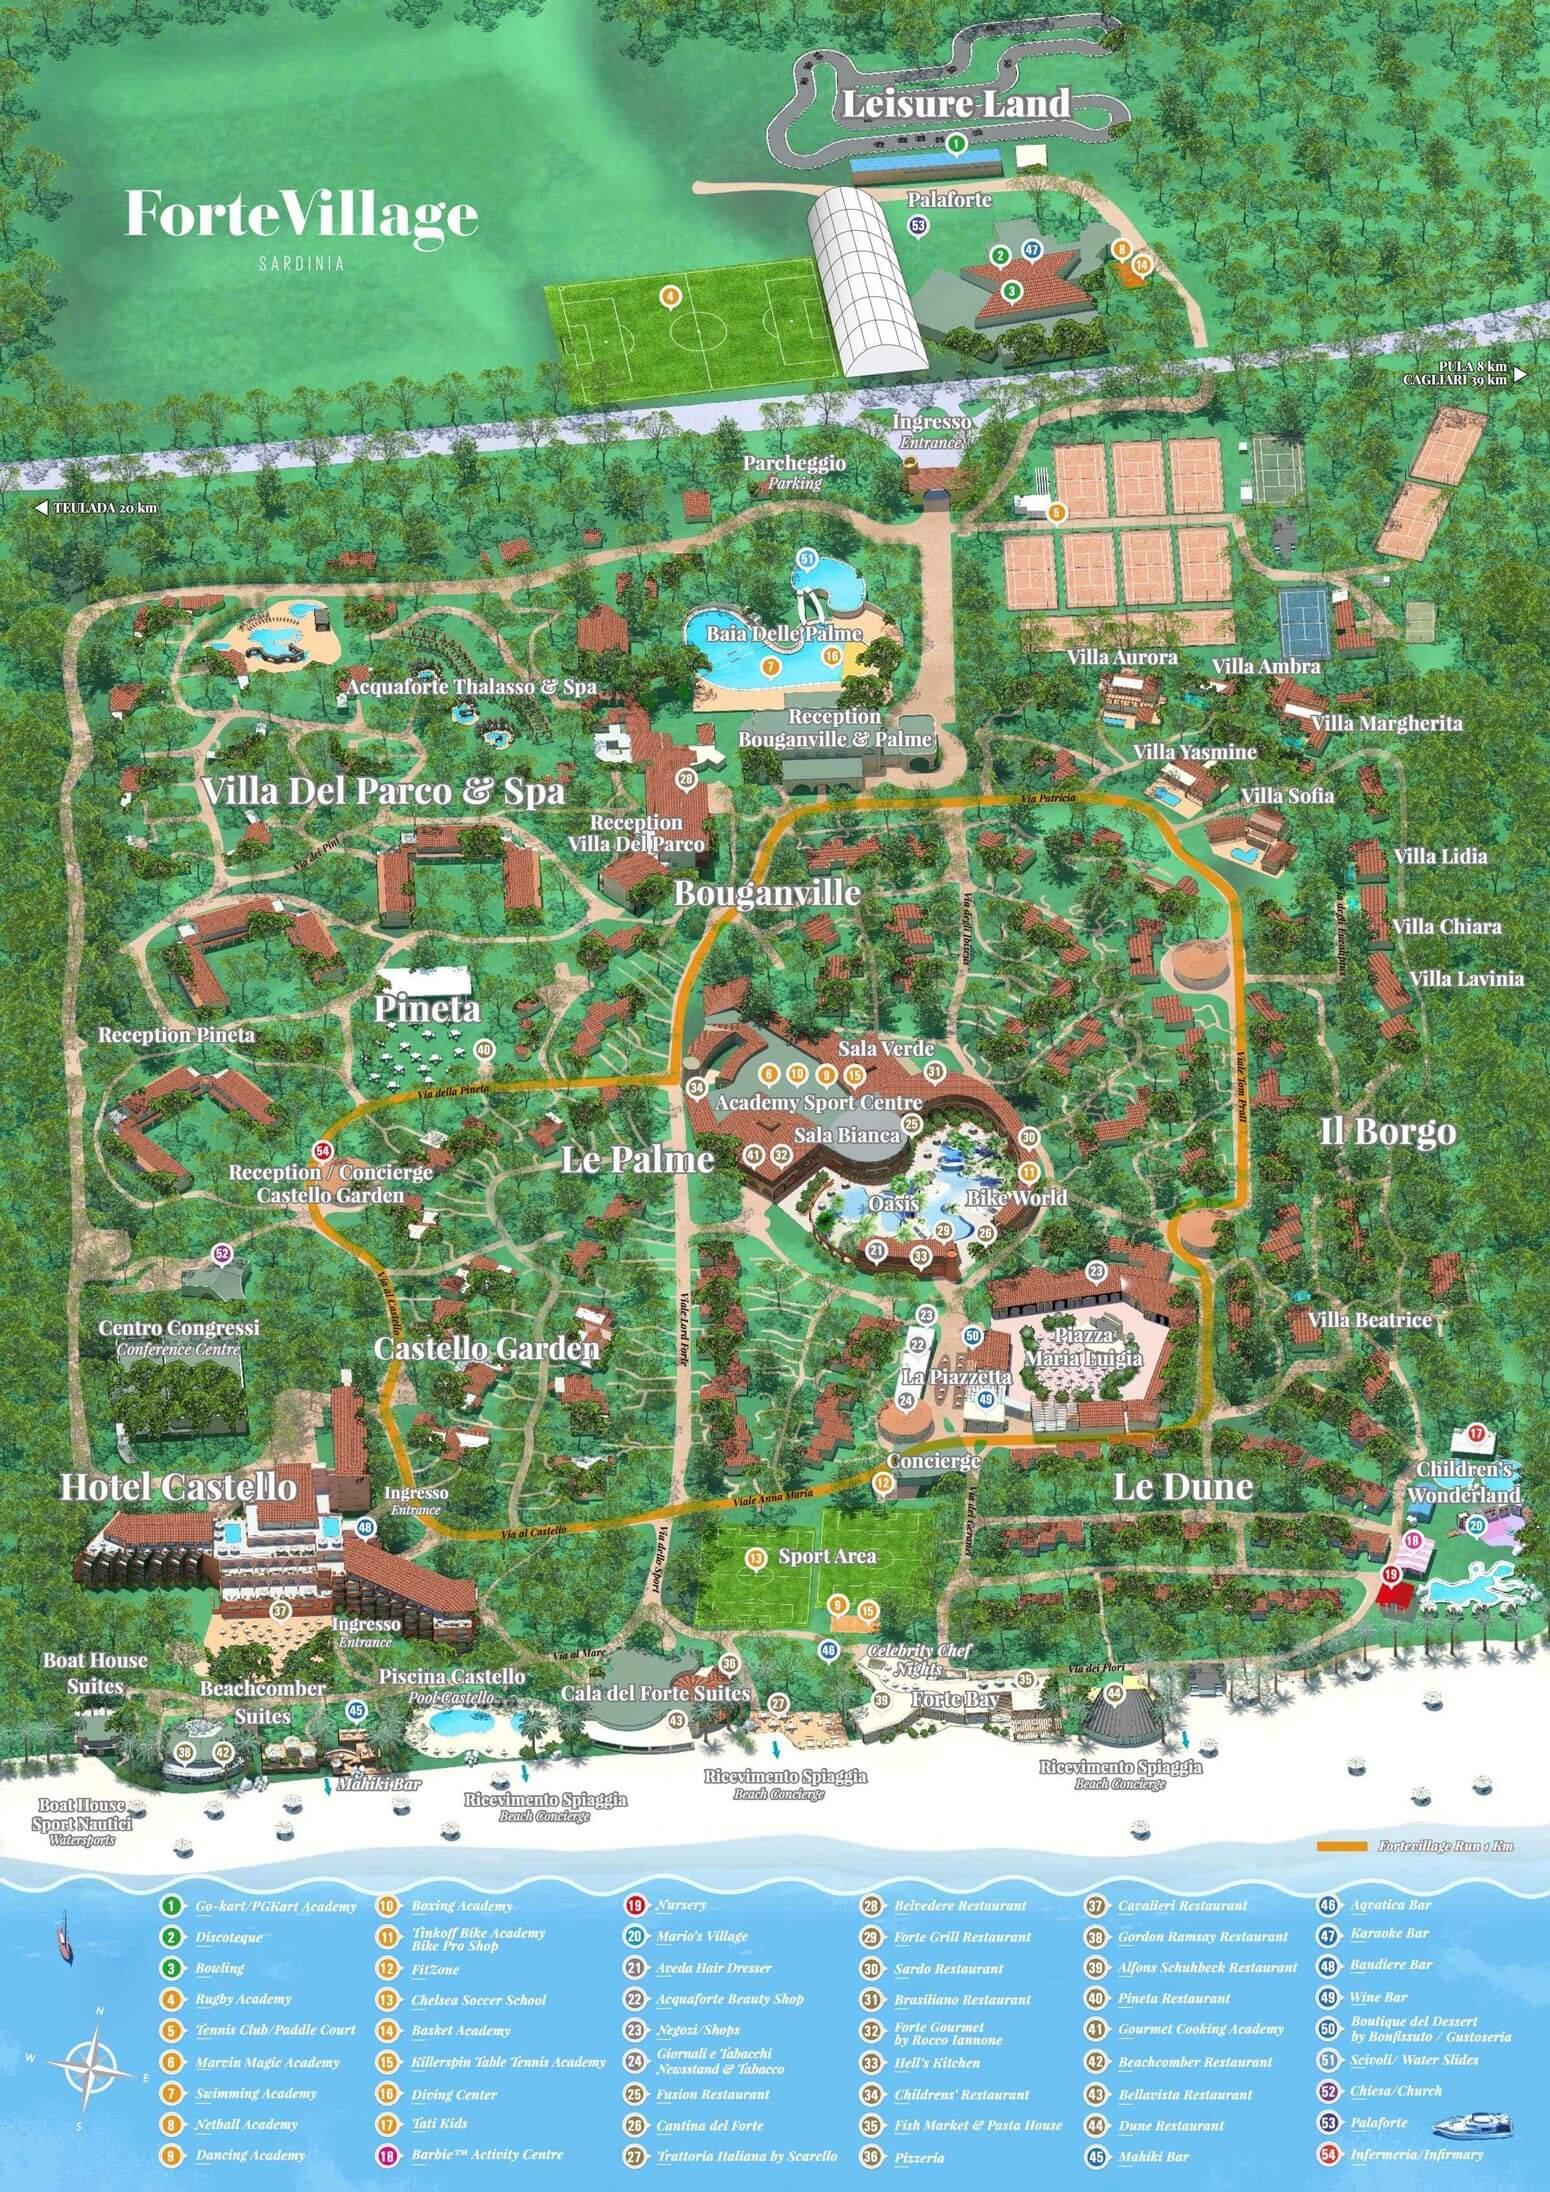 Tennisurlaub Im Forte Village Resort Auf Sardinien